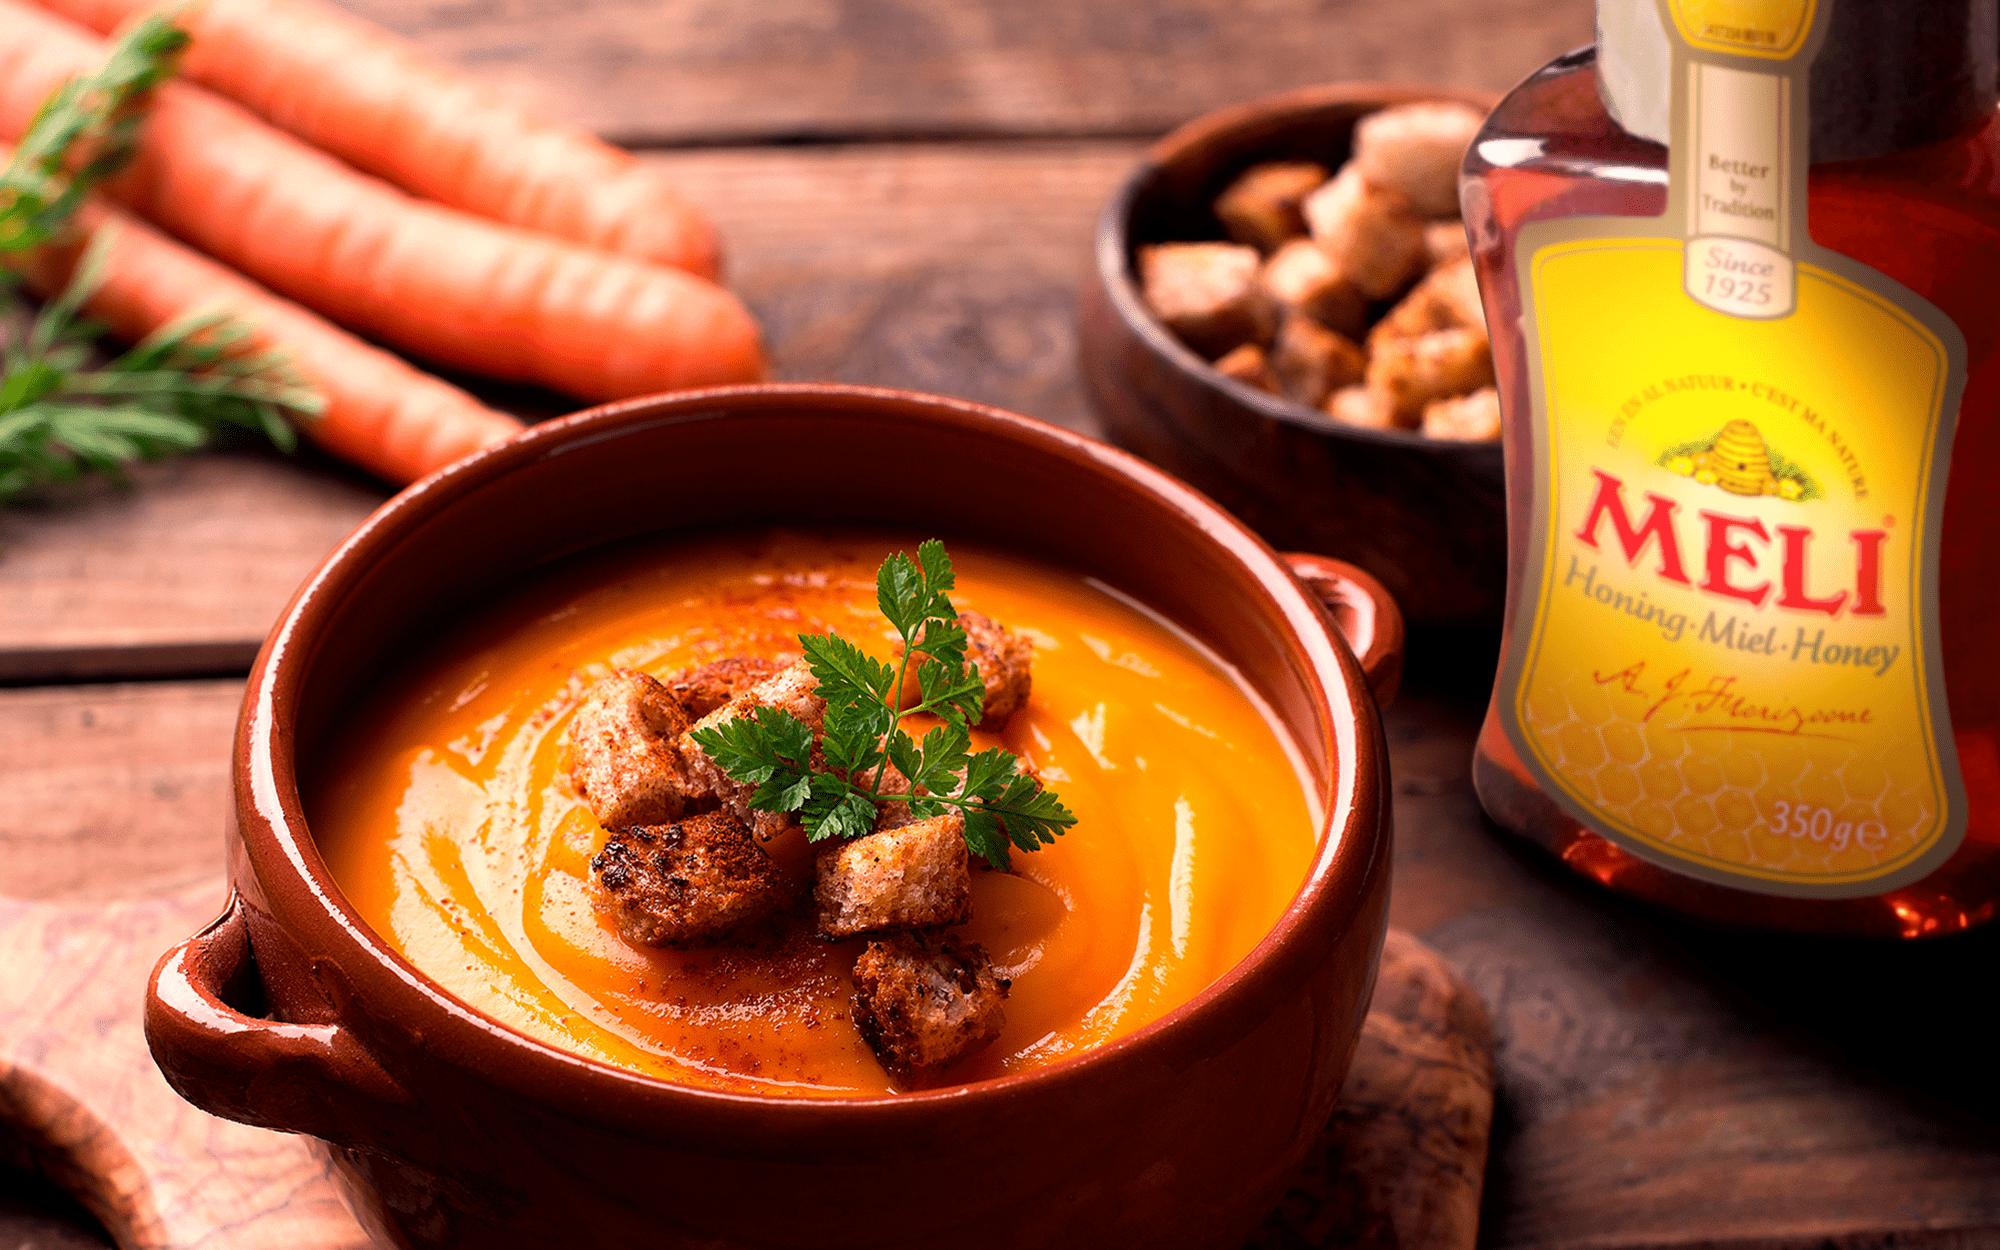 Soupe de carottes au miel